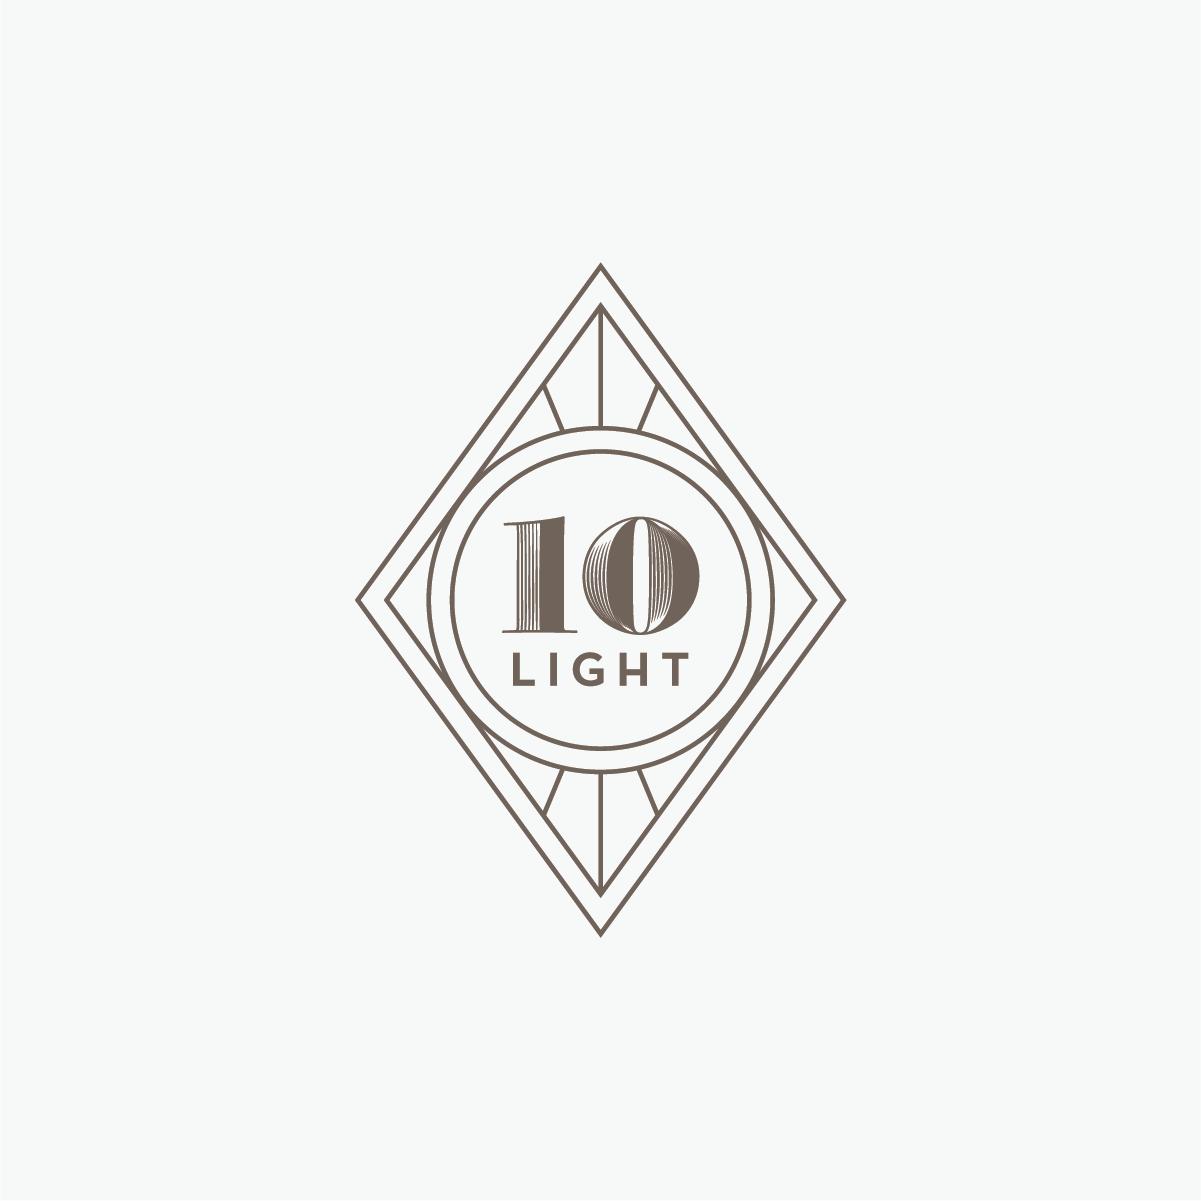 JD_Logos-16.png